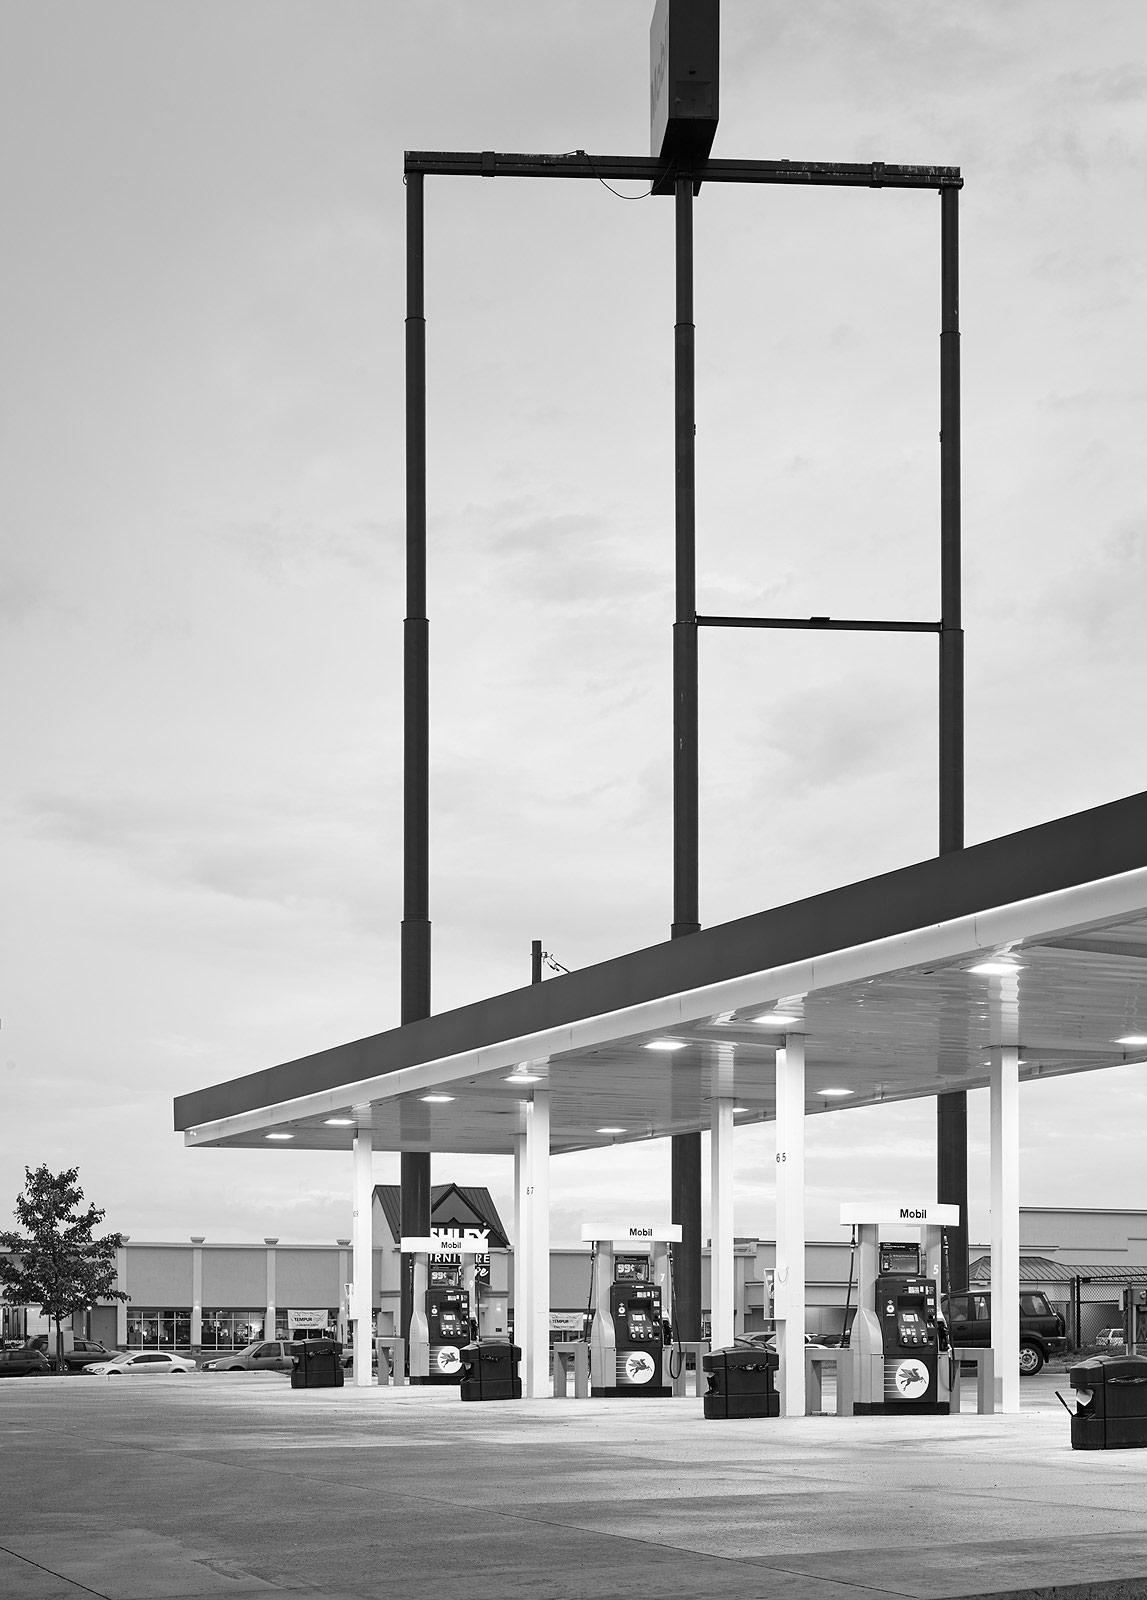 Mobil, Winchester, VA